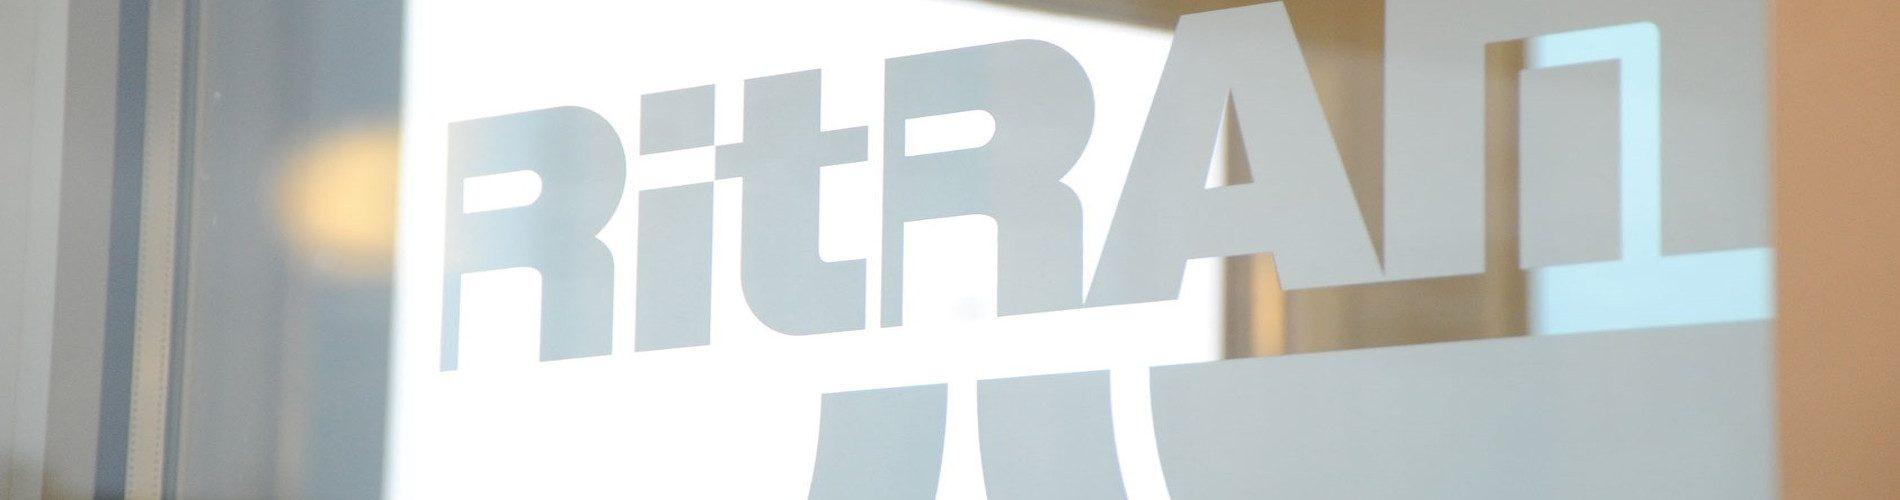 Pellicole ritrama da intaglio o per stampa digitale grande formato